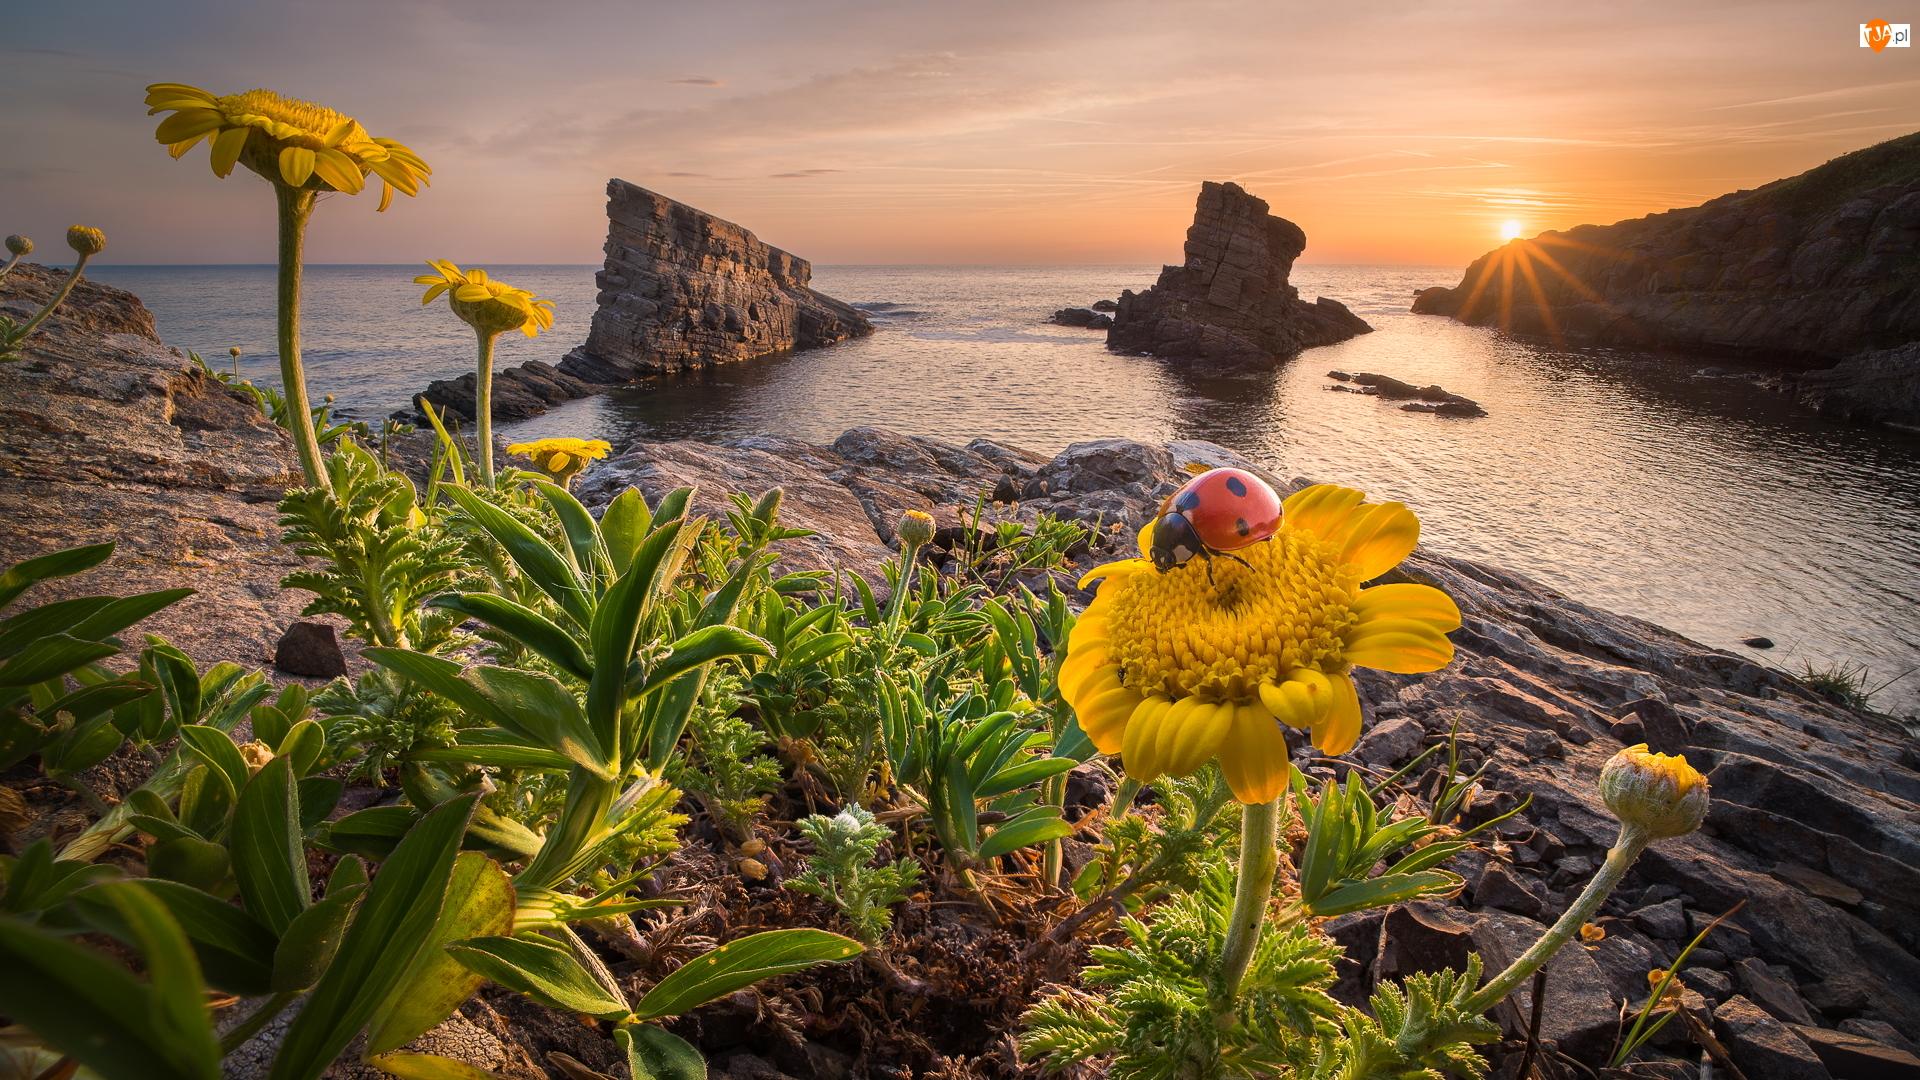 Bułgaria, Skały, Gmina Carewo, Biedronka, Sinemorec, Promienie słońca, Żółte, Morze Czarne, Kwiaty